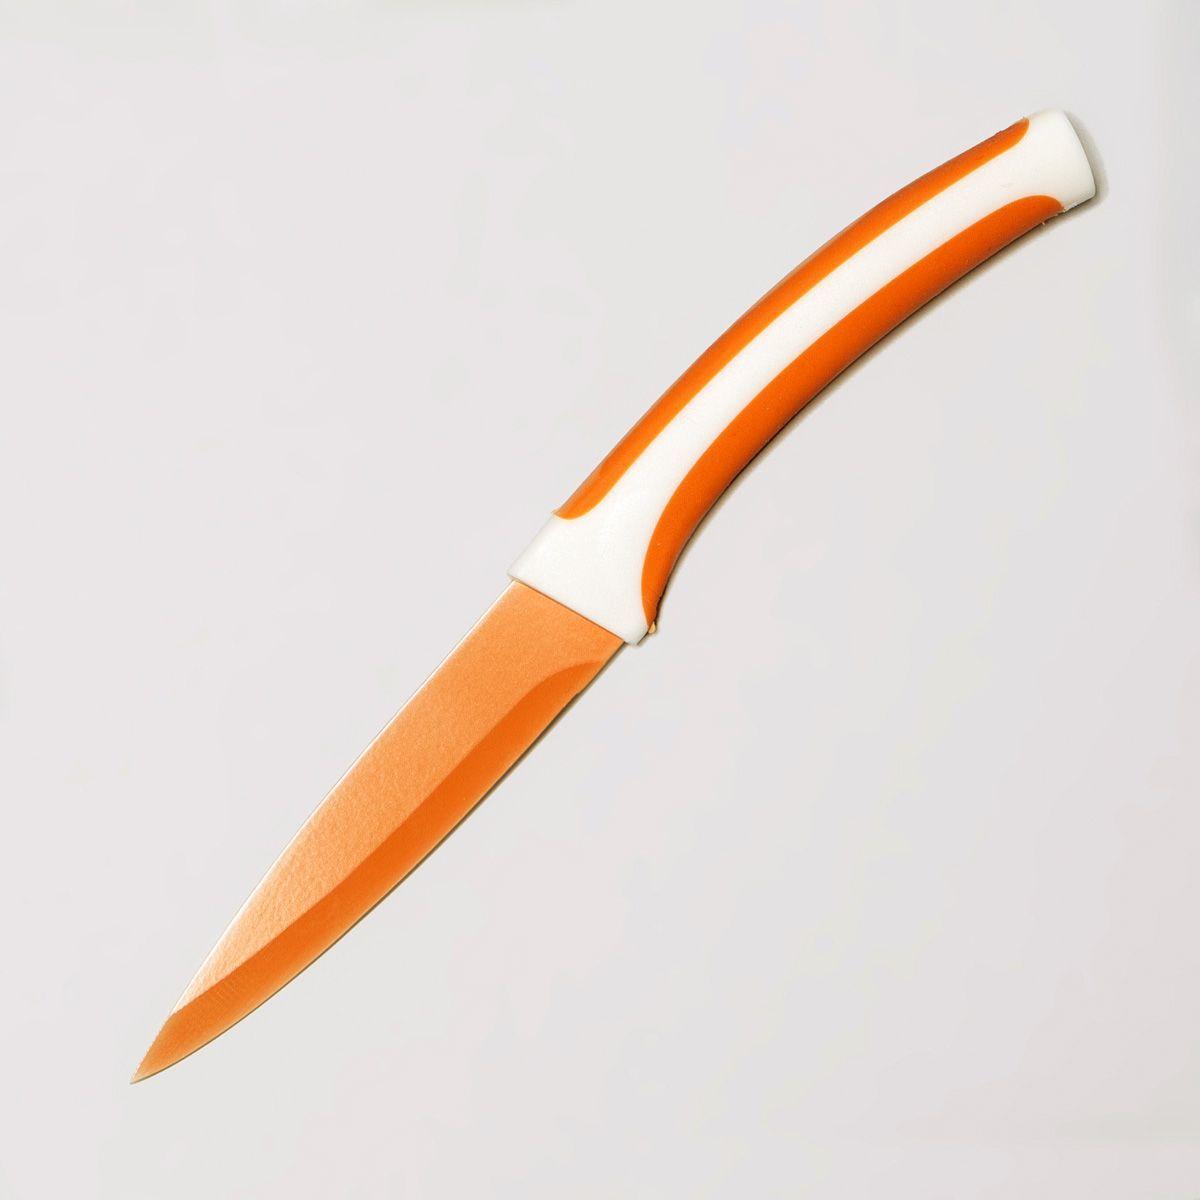 Нож десертный MoulinVilla Lilium, керамический, длина лезвия 10 смV5 60691 CFR 06Десертный нож MOULINvilla Lilium изготовлен из высококачественной циркониевой керамики - гигиеничного, экологически чистого материала. Нож имеет острое лезвие, не требующее дополнительной заточки. Эргономичная рукоятка, выполненная из высококачественного пищевого пластика, не скользит в руках и делает резку удобной и безопасной. Керамика - это отличная альтернатива металлу. В отличие от стальных ножей, керамические ножи не переносят ионы металла в пищу, не разрушаются от кислот овощей и фруктов и никогда не заржавеют. Этот нож будет служить вам многие годы при соблюдении простых правил эксплуатации и ухода.Нельзя мыть в посудомоечной машине.